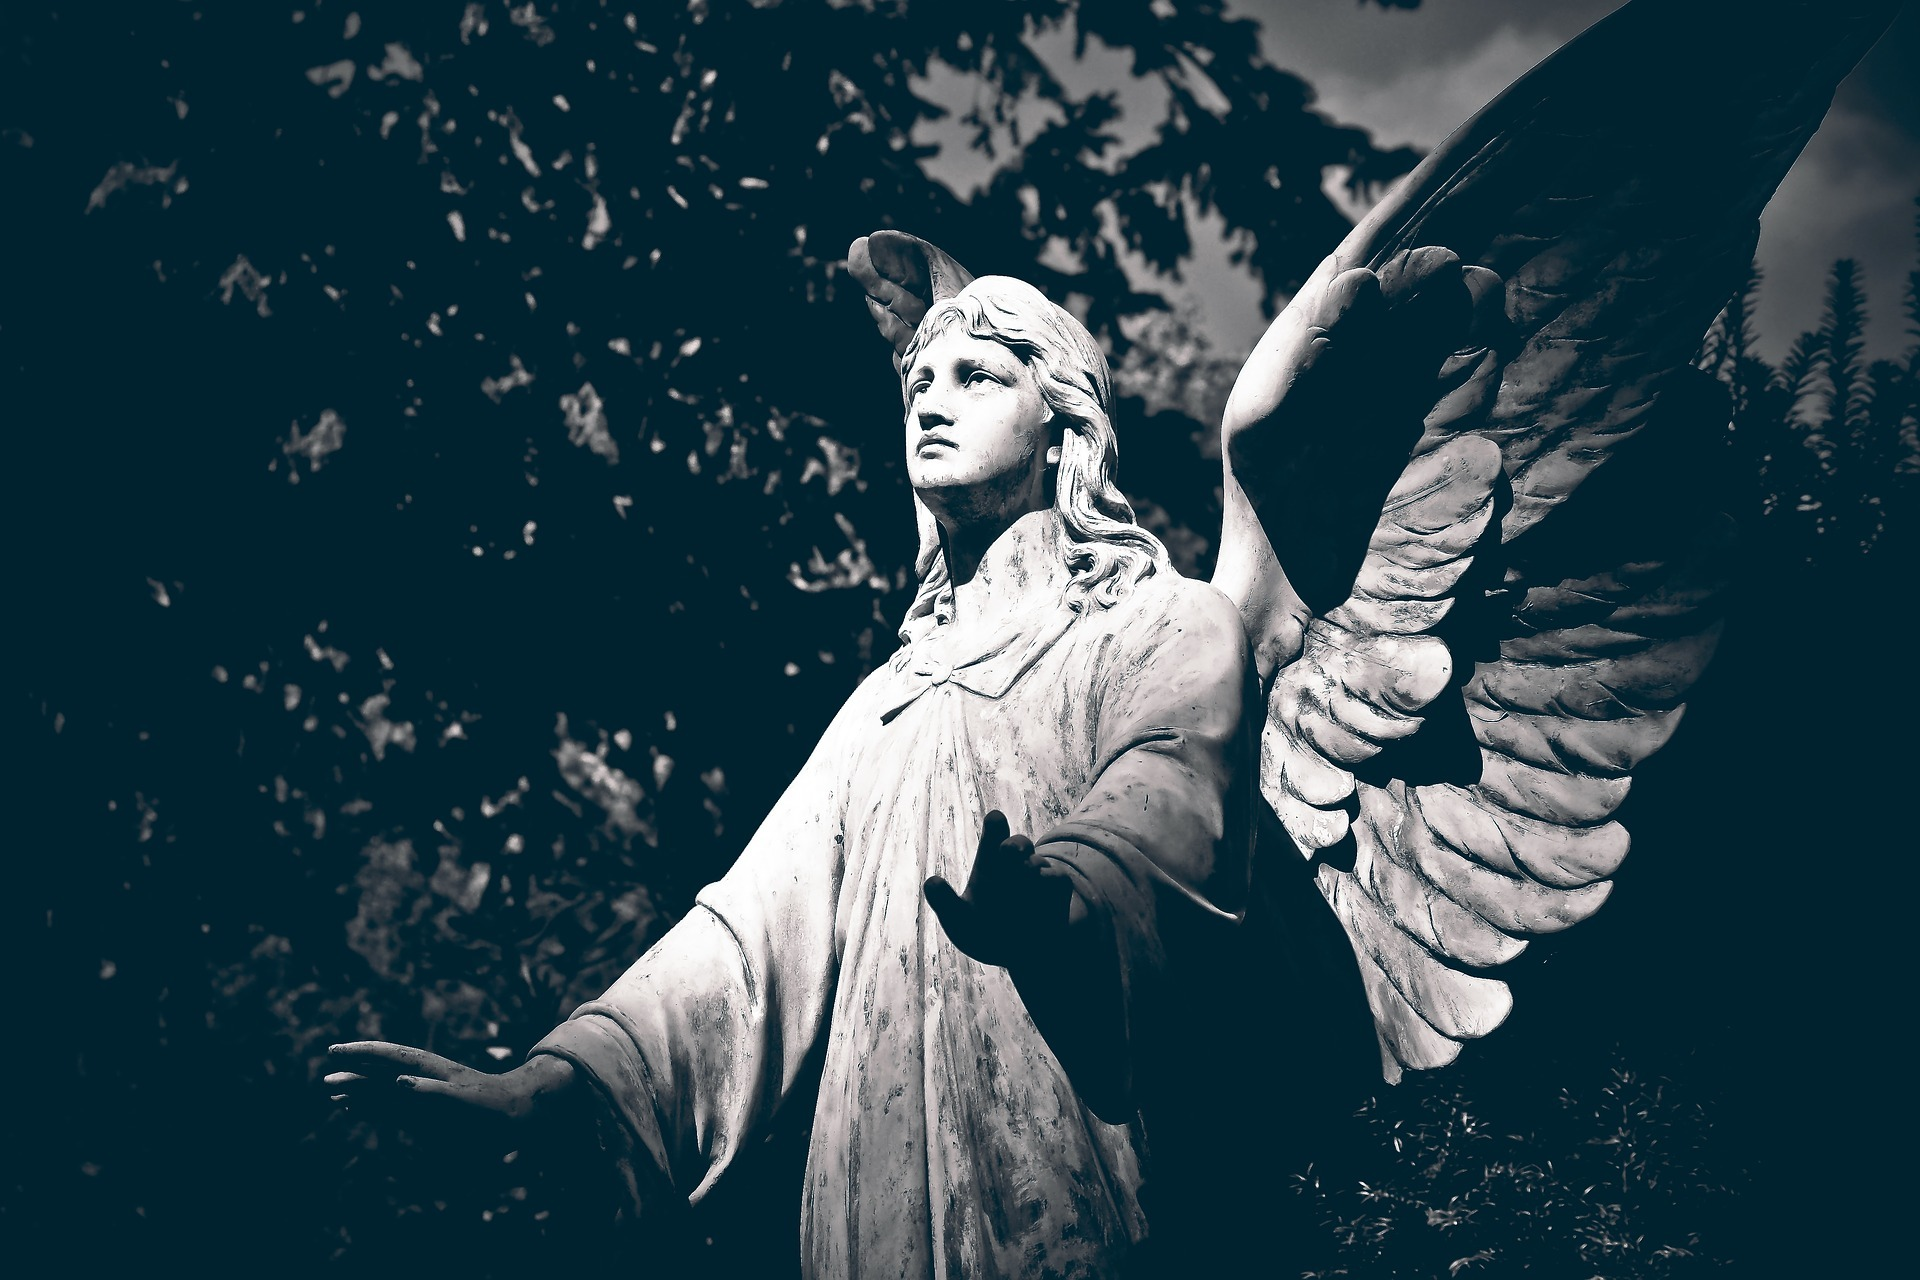 anioł cmentarny na te drzew